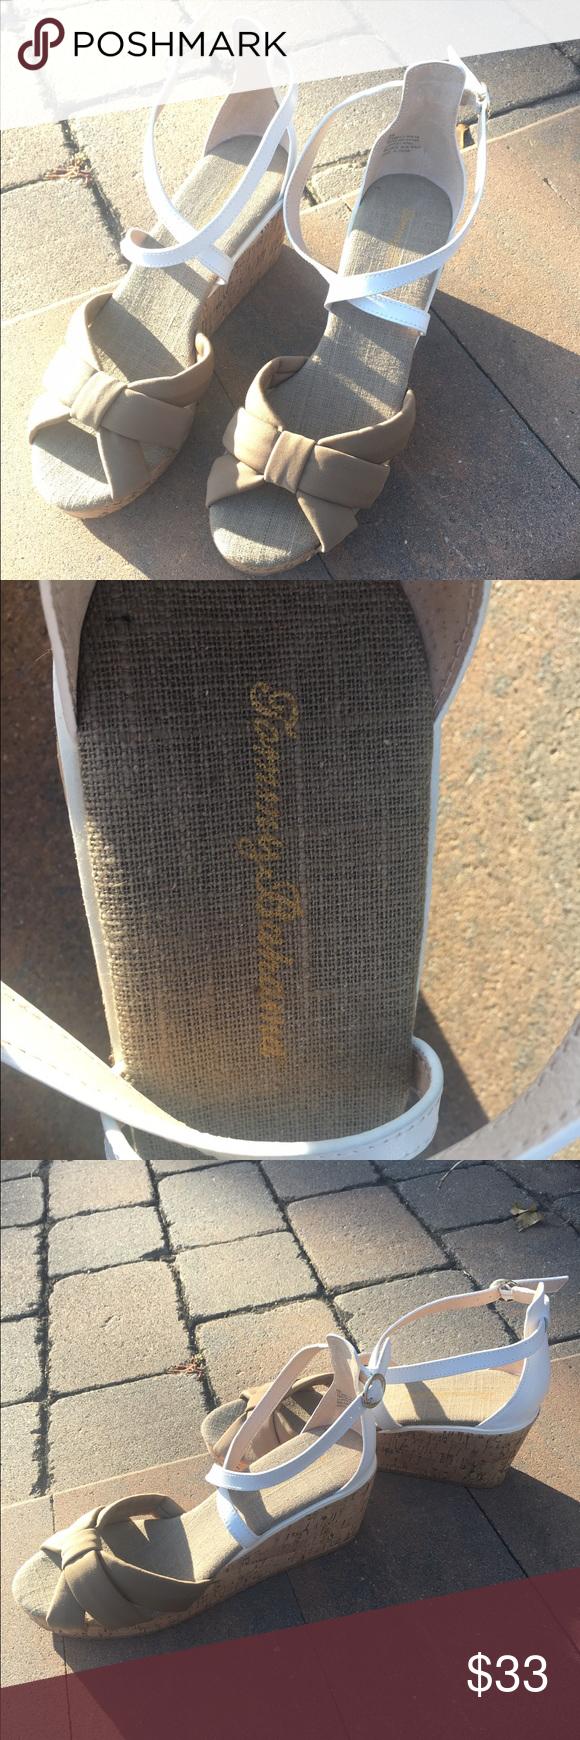 NWT Tommy Bahama Wedges #nwt #tommybahama #wedges size 8 Tommy Bahama Shoes Wedges